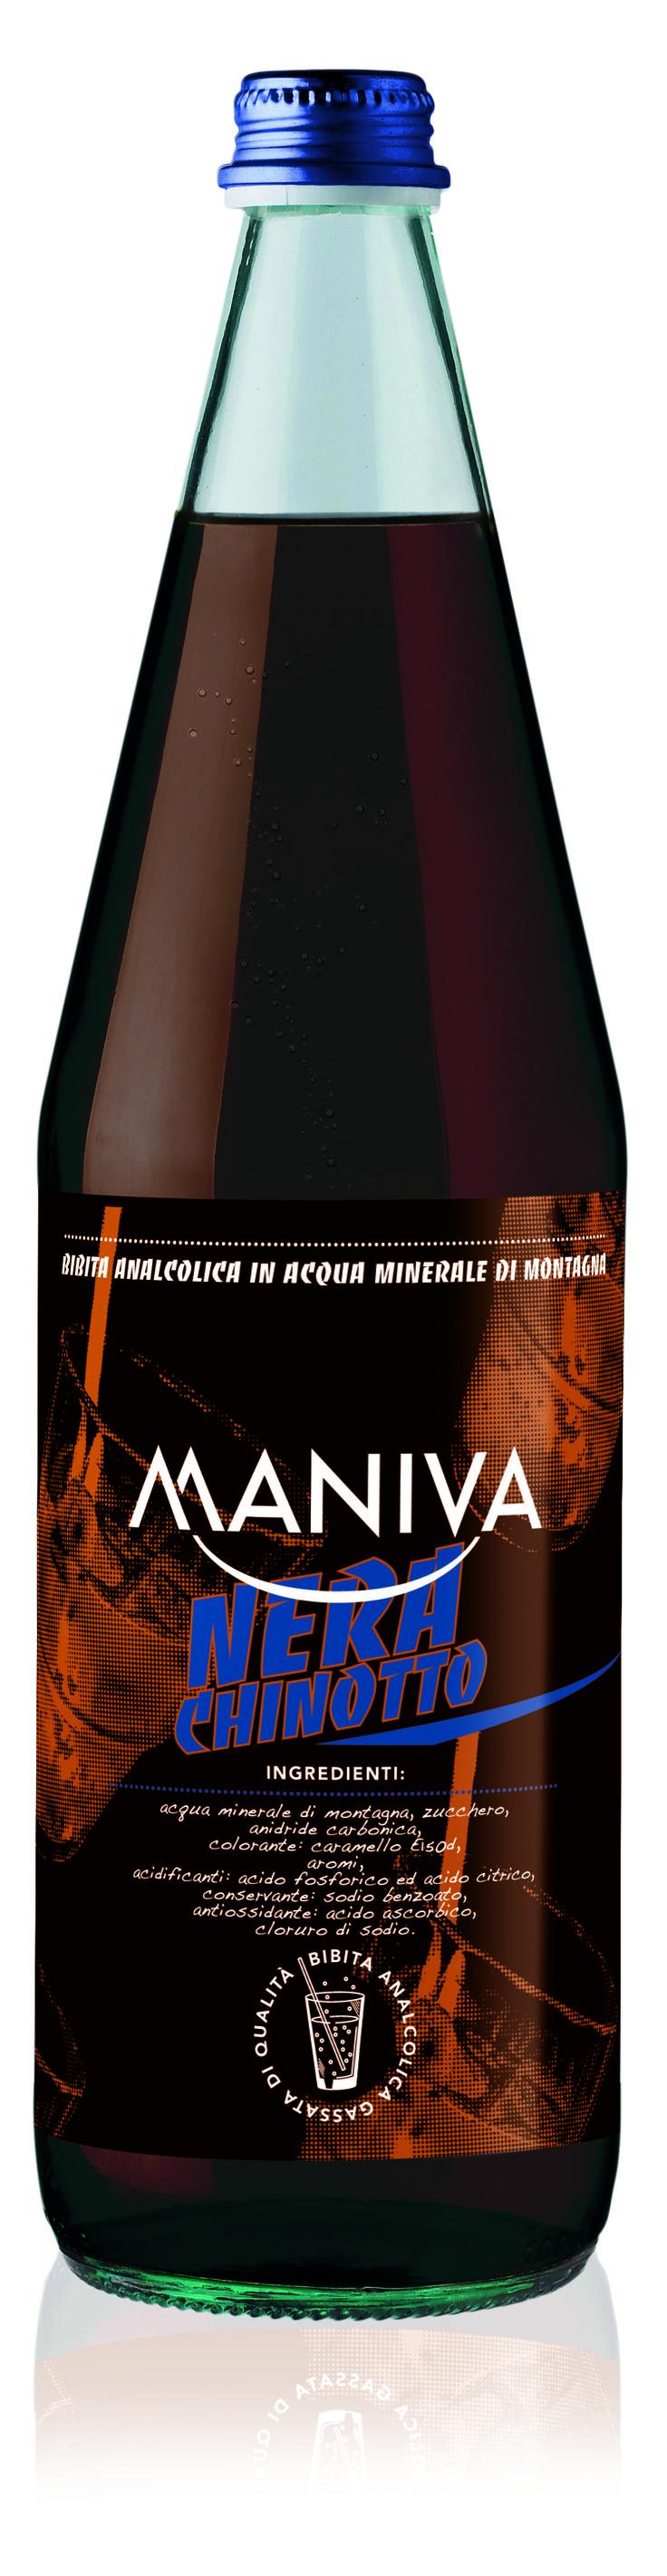 CHINOTTO Bibita analcolica frizzante, di alta qualità garantita anche dalla leggera acqua minerale di montagna di cui è composta